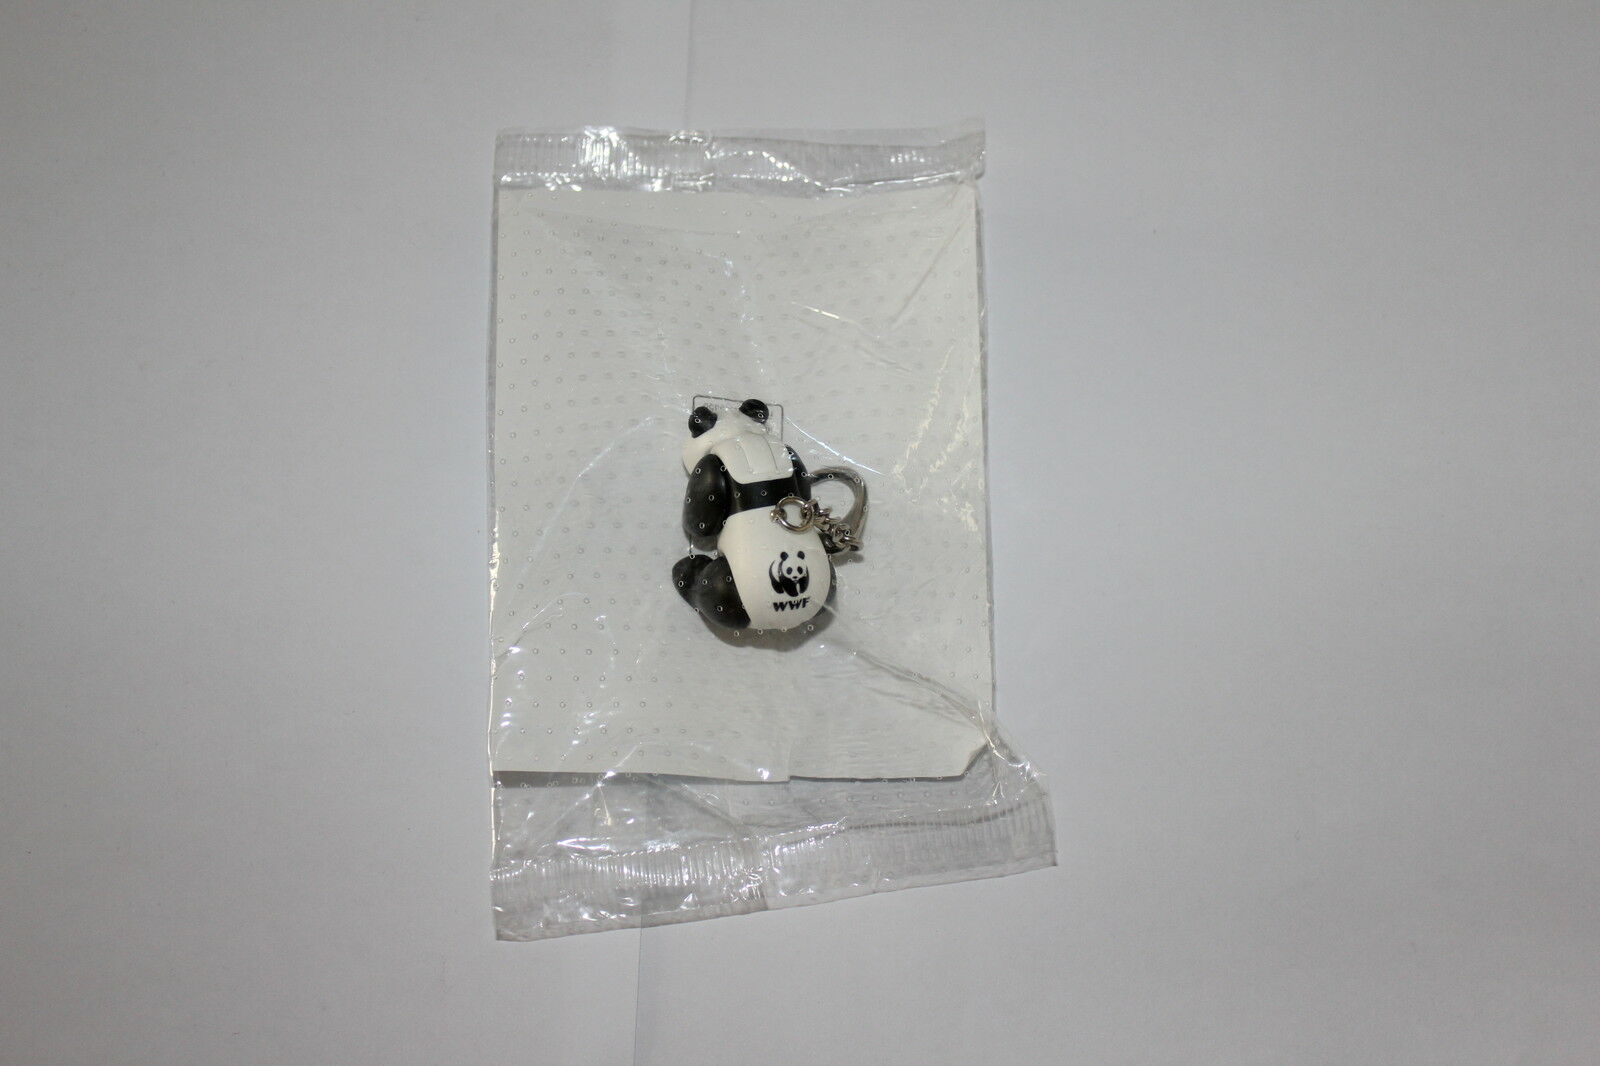 Playmobil Panda Schlüsselanhänger WWF Promo Figur Werbefigur Neu OVP  | Einfach zu bedienen